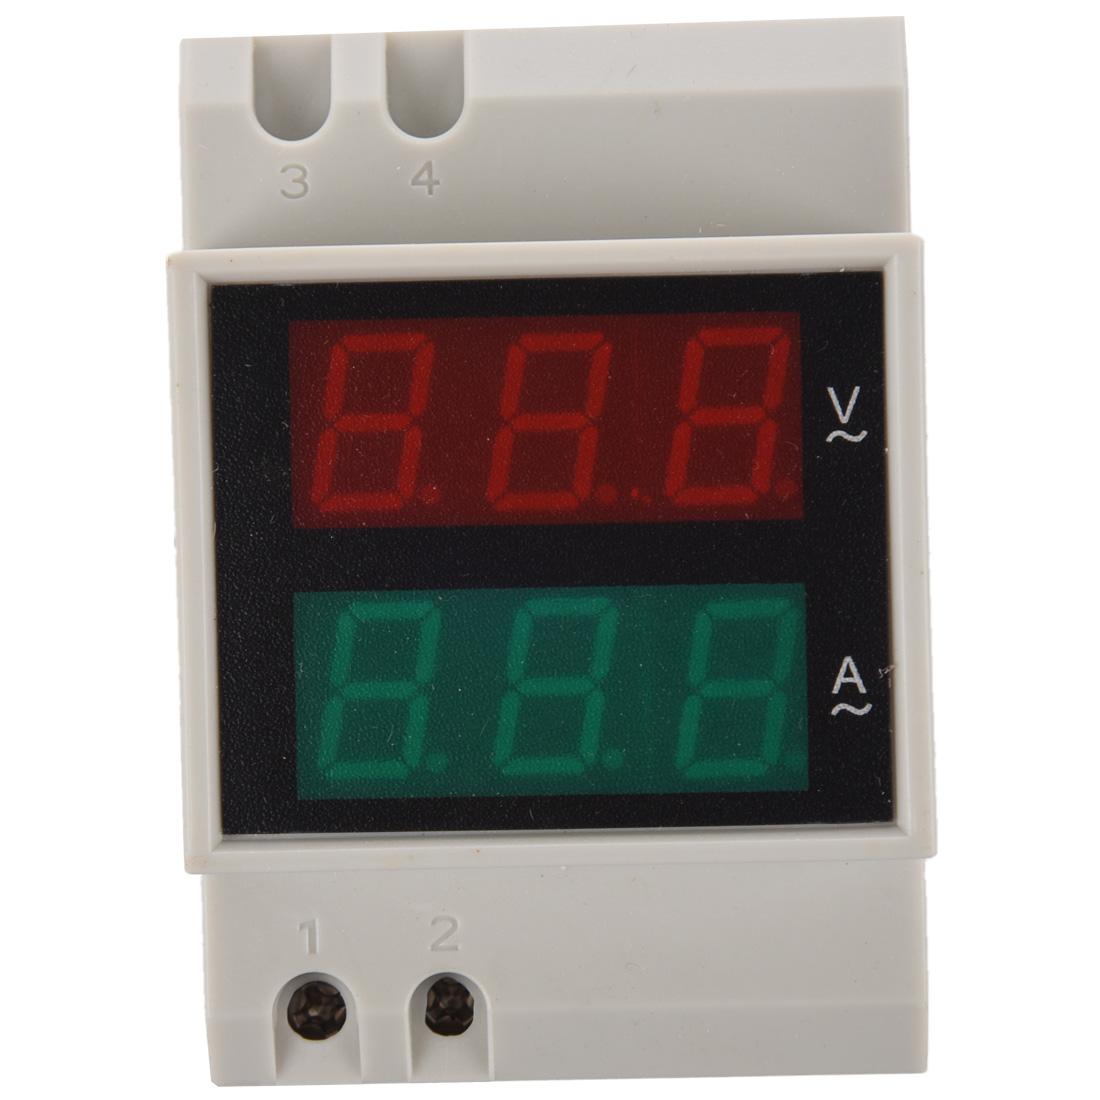 din schiene ac 110v 220v digitales voltmeter amperemeter led anzeige m9 ebay. Black Bedroom Furniture Sets. Home Design Ideas